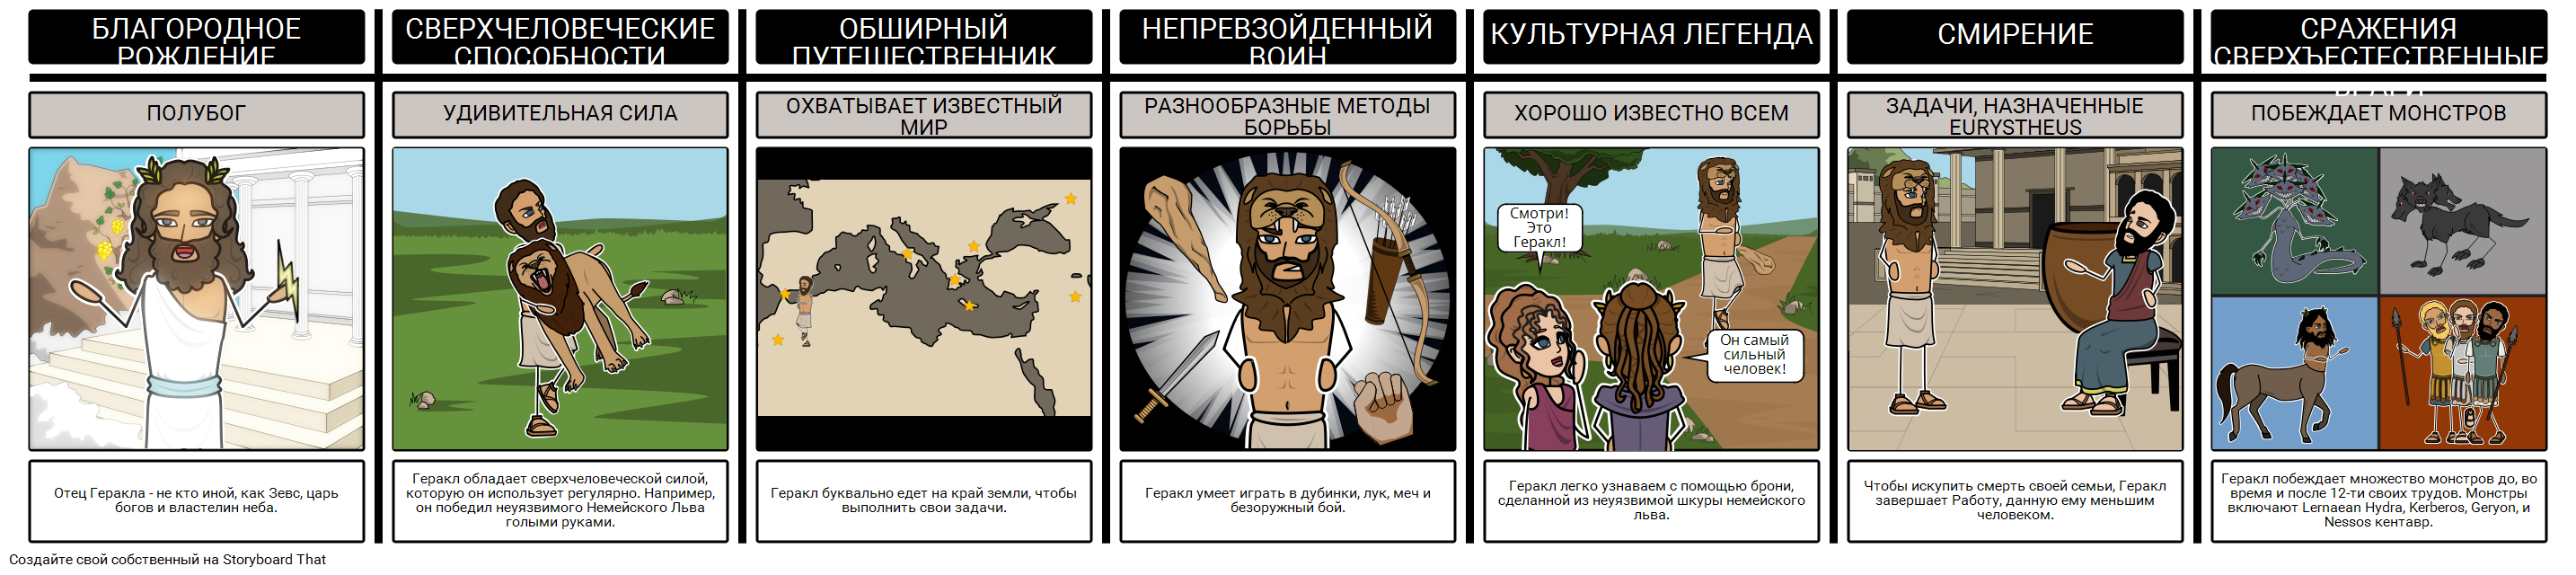 Herakles Богатырь